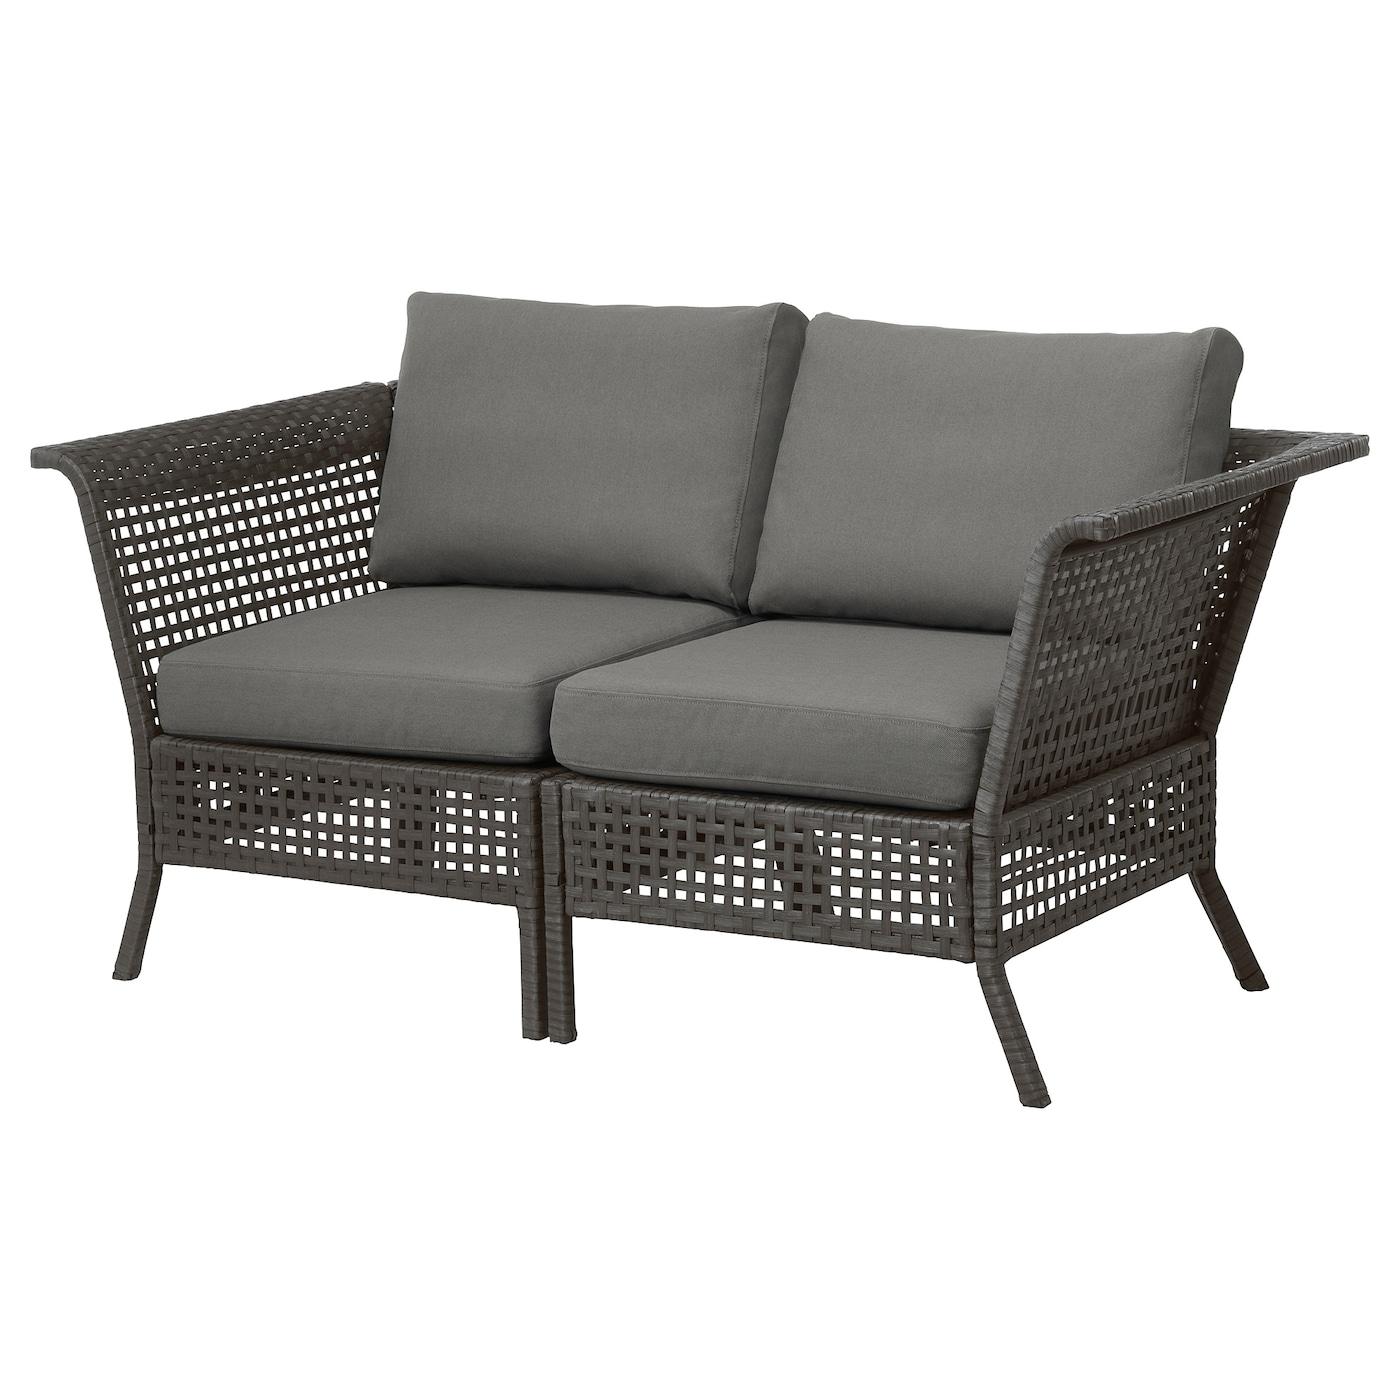 Outdoor Garden Sofas Ikea